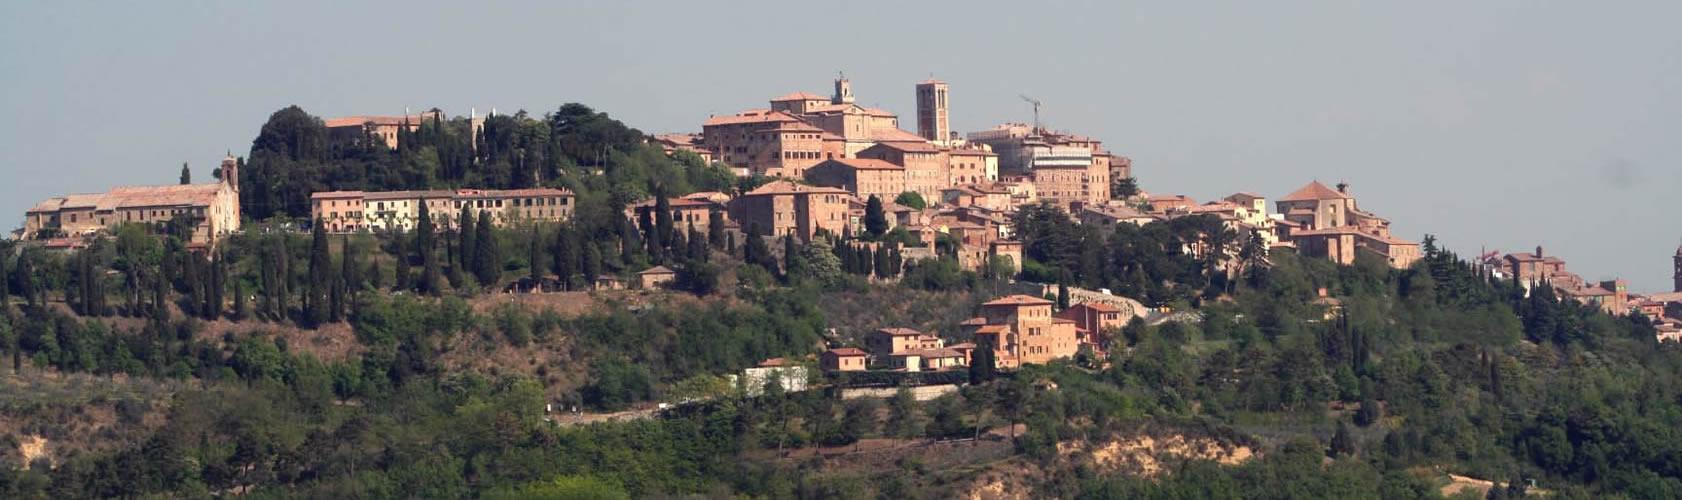 Hotel 3 stelle montepulciano alberghi 3 stelle a montepulciano terme hotel i due cigni - Alberghi bagno vignoni ...